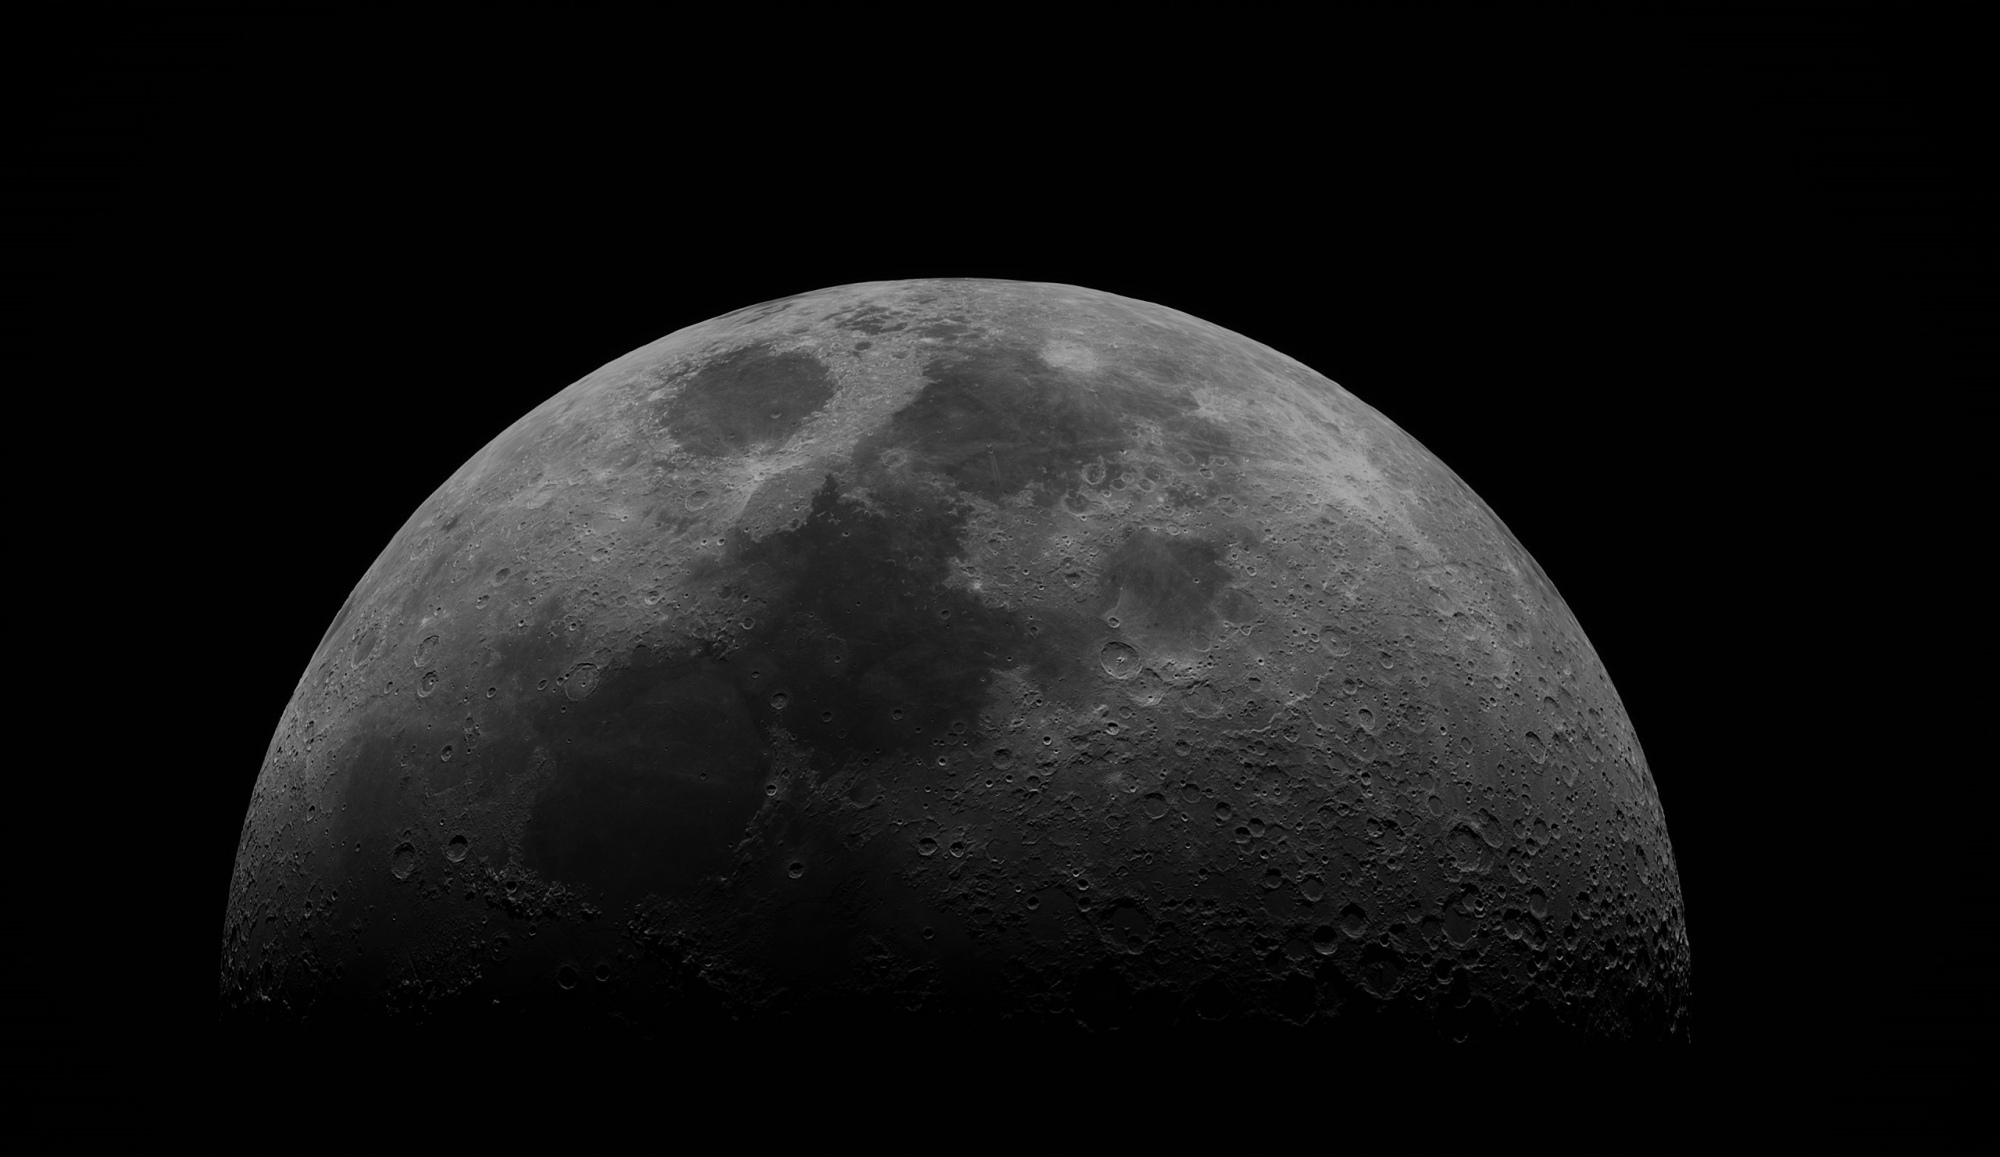 60319bdee7b9c_Moon_190141_g4_ap5372_2(2).thumb.jpg.d51451ddee5053f9bbd22a3d06bdf756.jpg